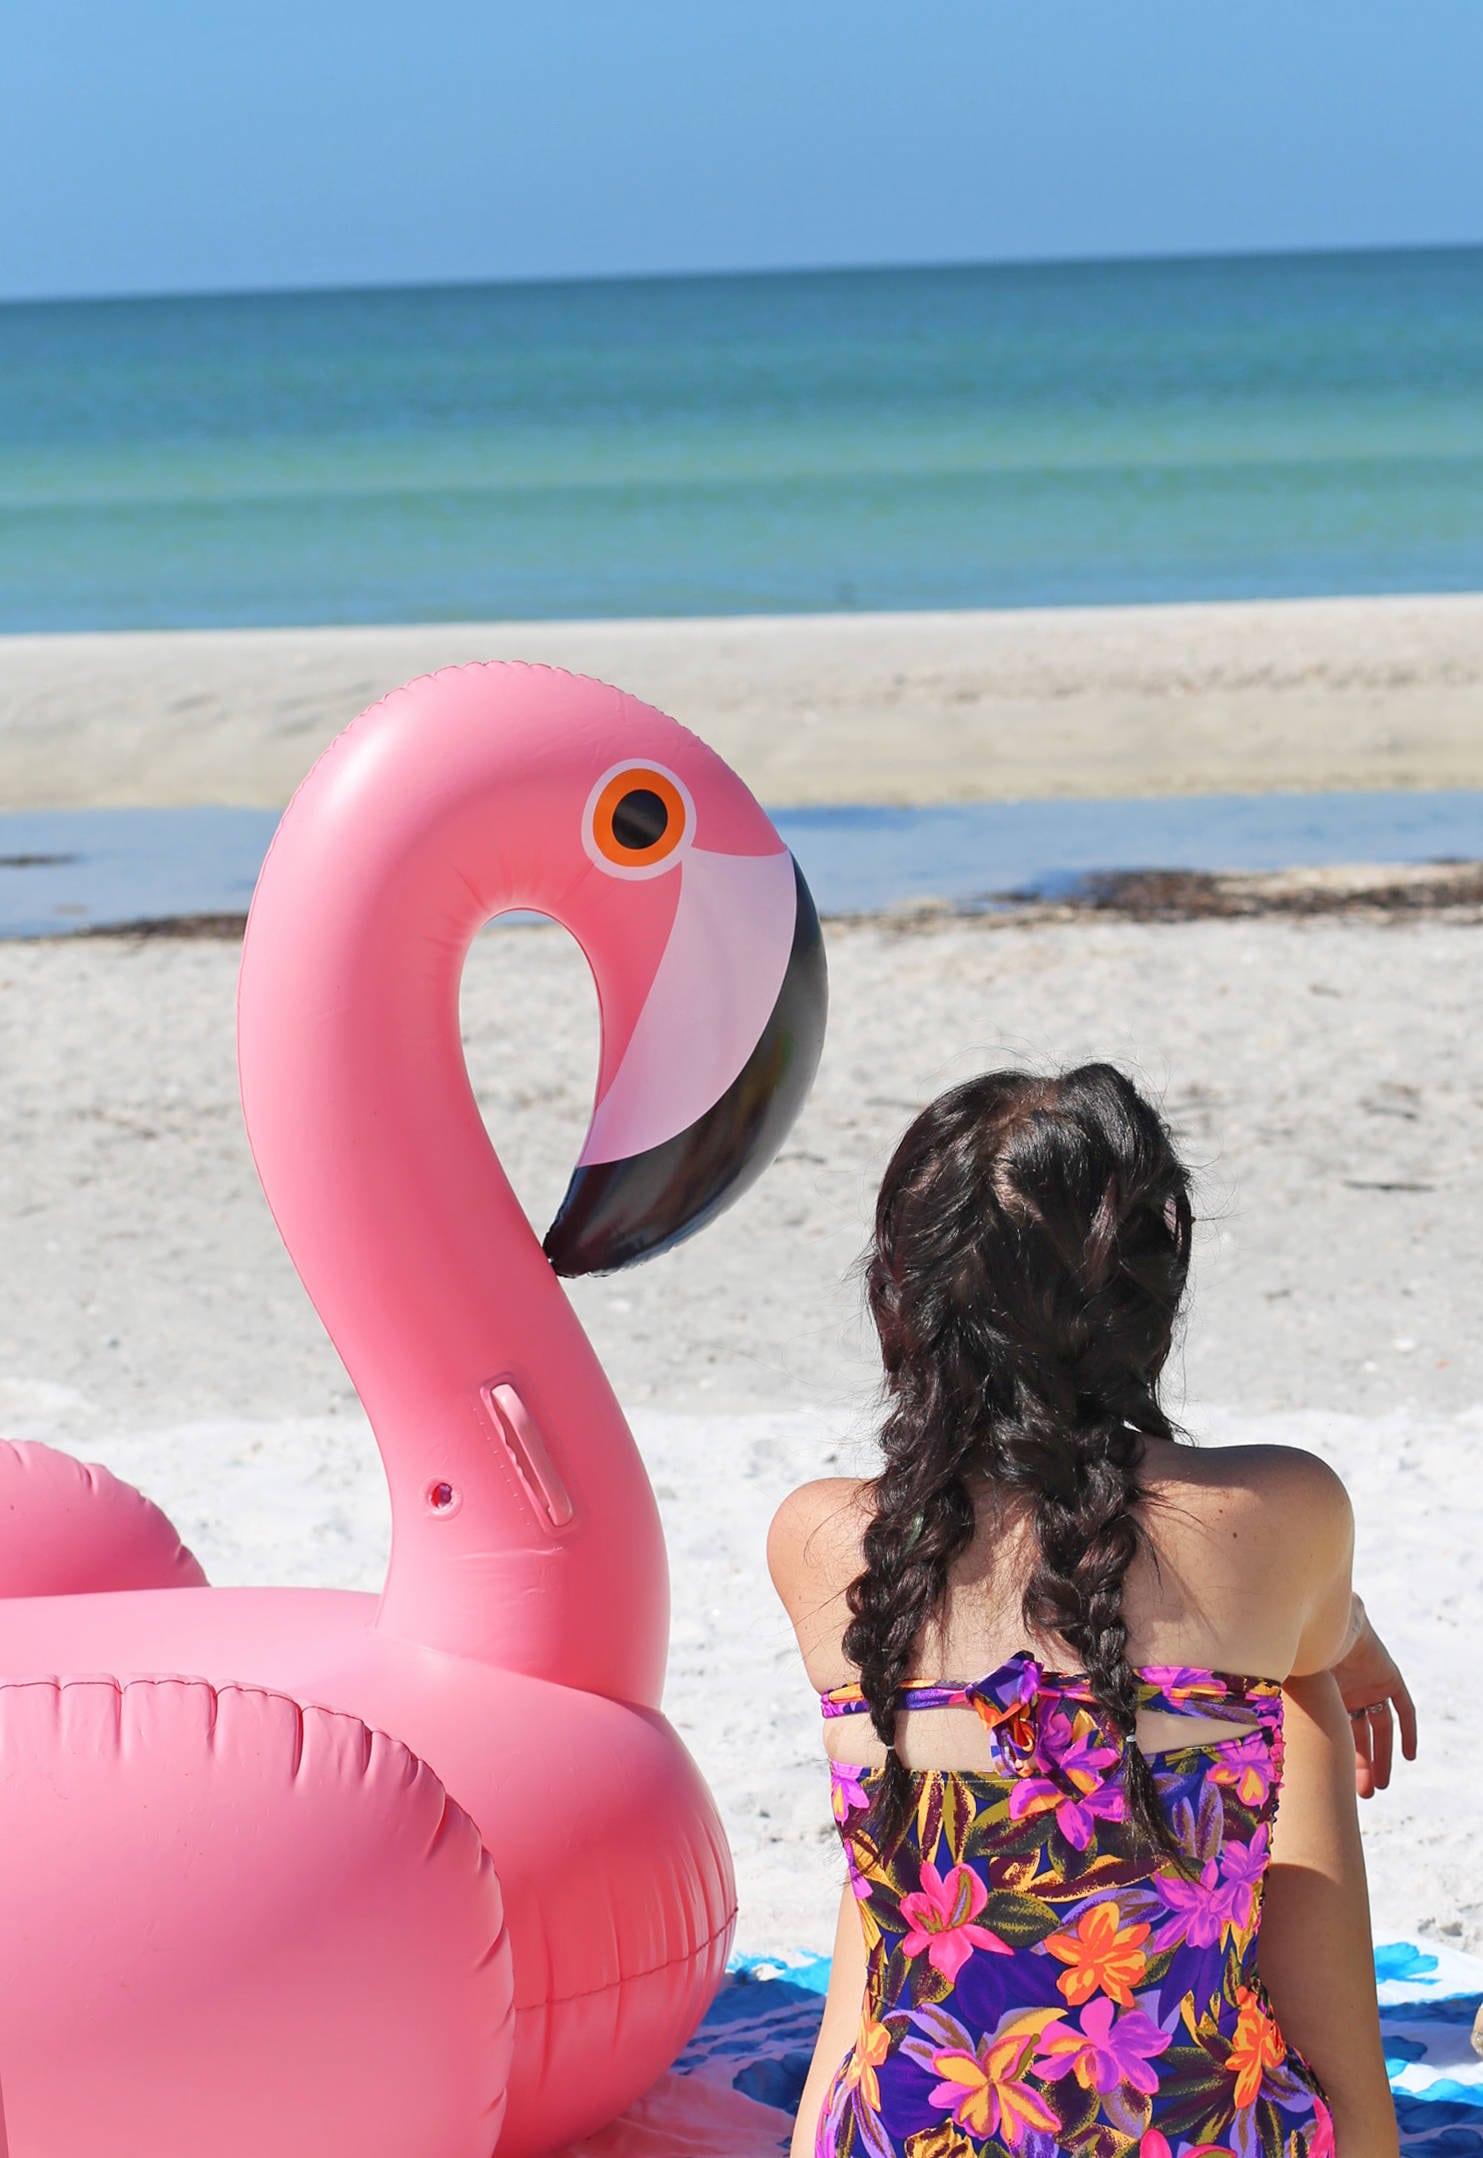 Mash Elle lifestyle blogger | St. pete beach | beauty blogger Mash Elle | black hat | plants | beach house | one piece flamingo float